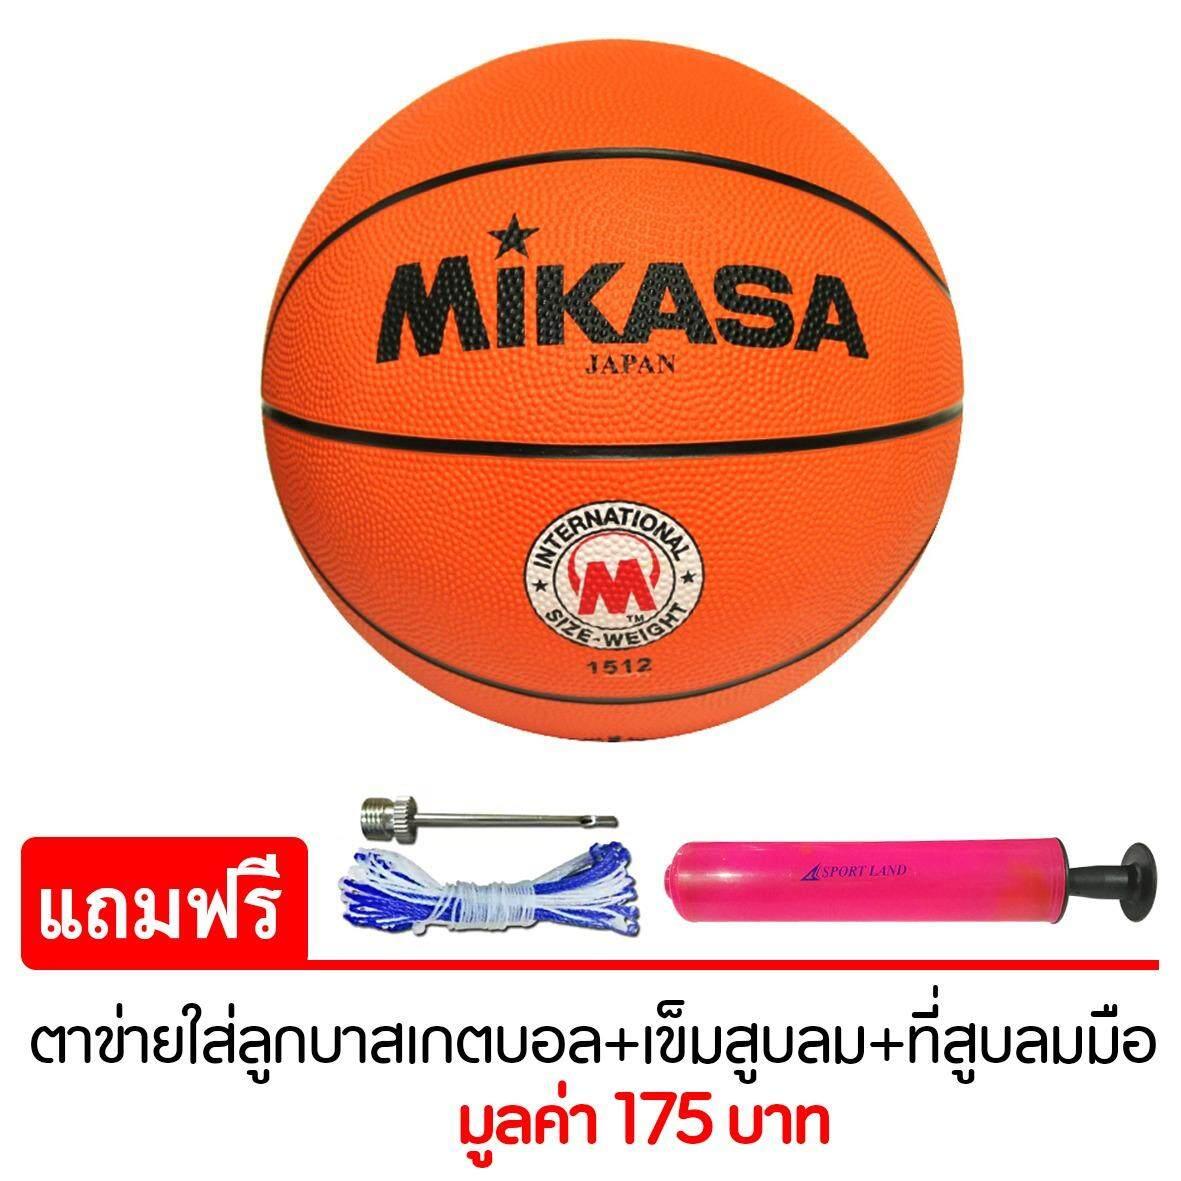 ขาย Mikasa บาสเก็ตบอล Basketball Mks Rb 1512 แถมฟรี ตาข่ายใส่ลูกบาสเกตบอล เข็มสูบสูบลม สูบมือ Spl รุ่น Sl6 สีชมพู ใน กรุงเทพมหานคร